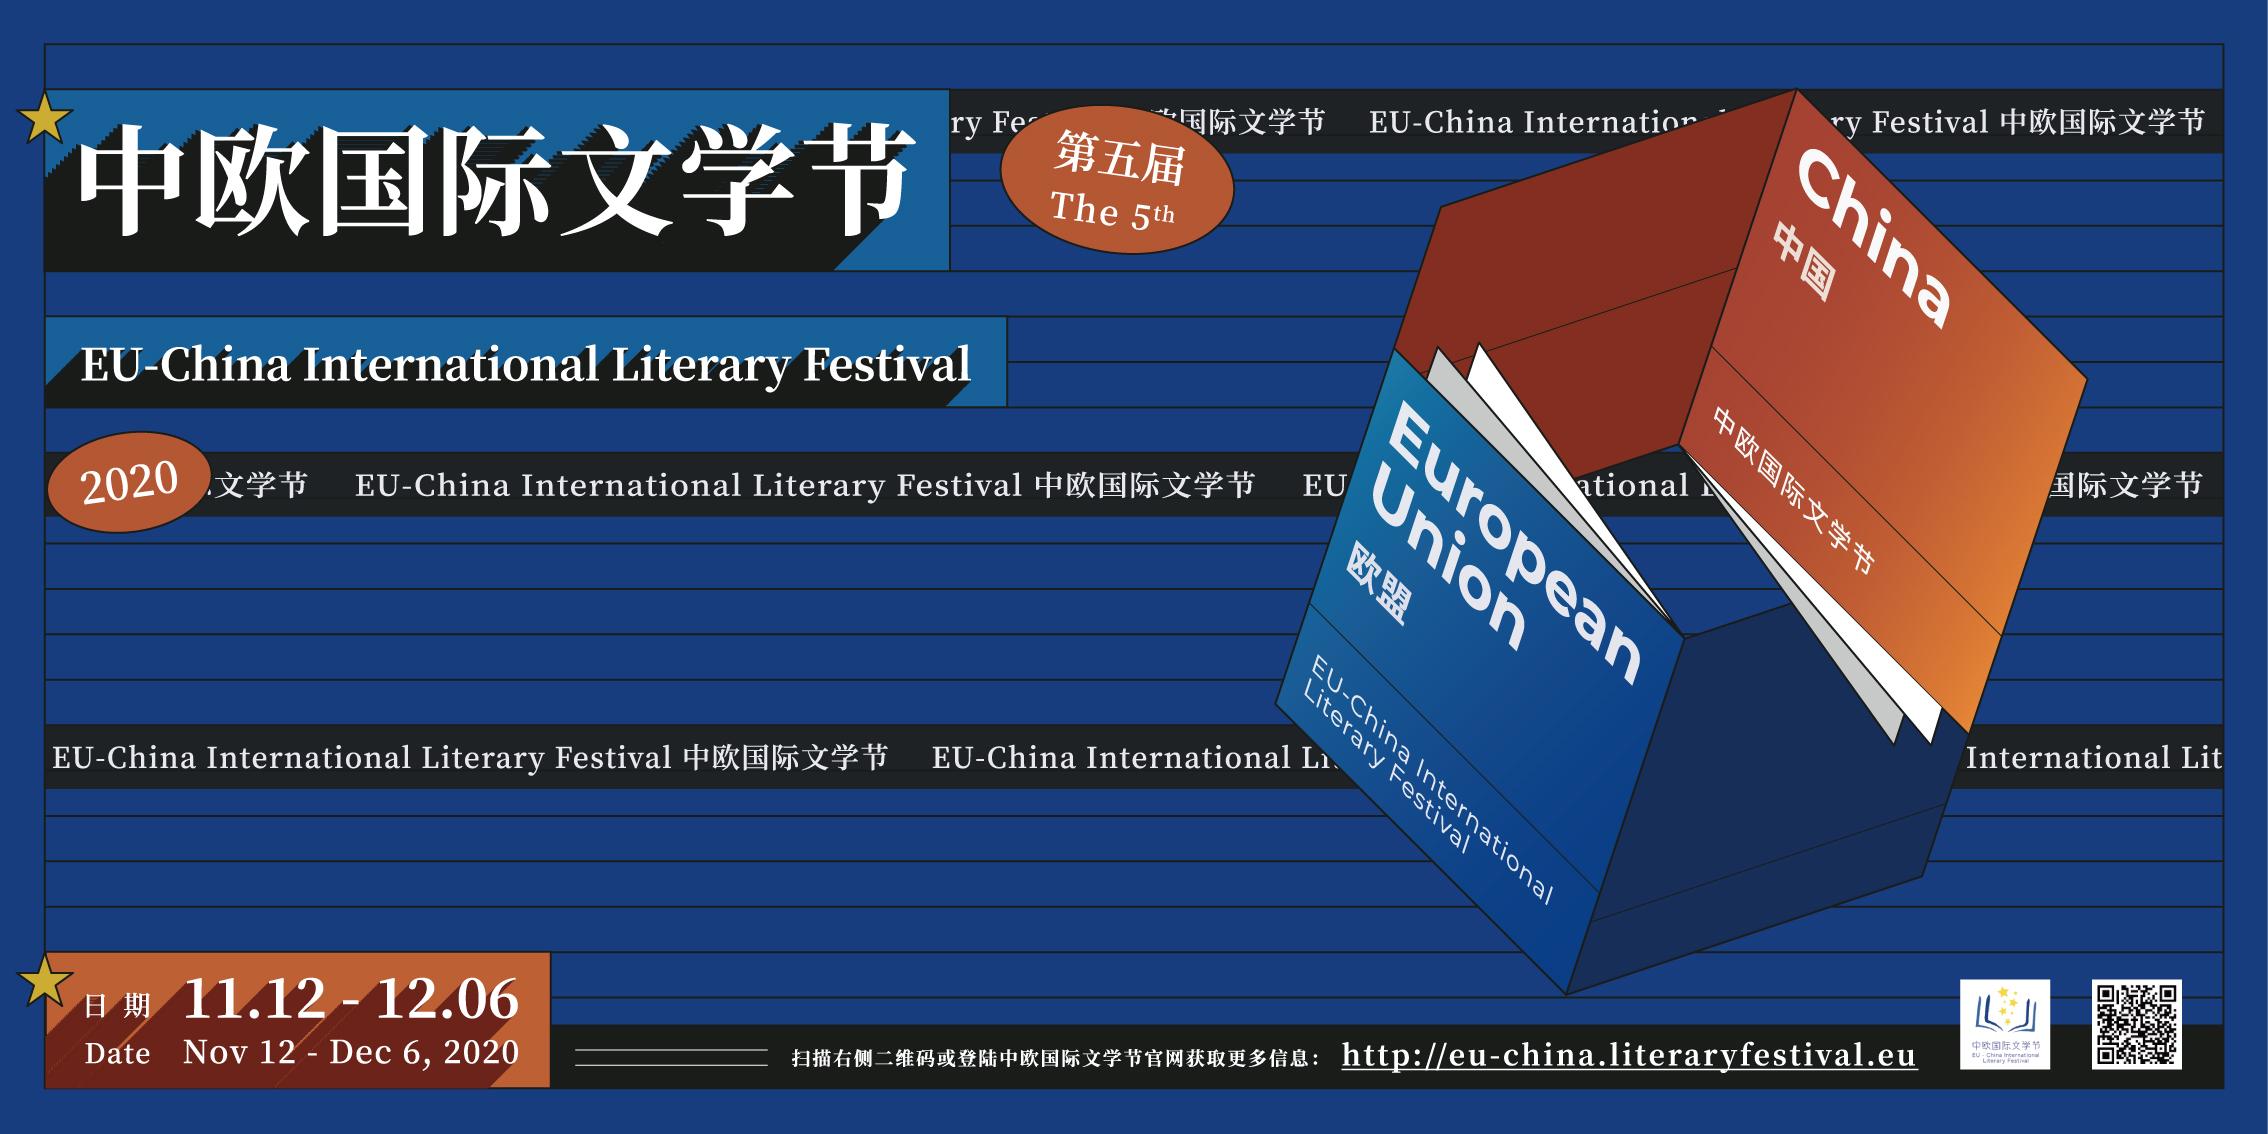 第5届中欧国际文学节即将启幕,27场活动异彩纷呈